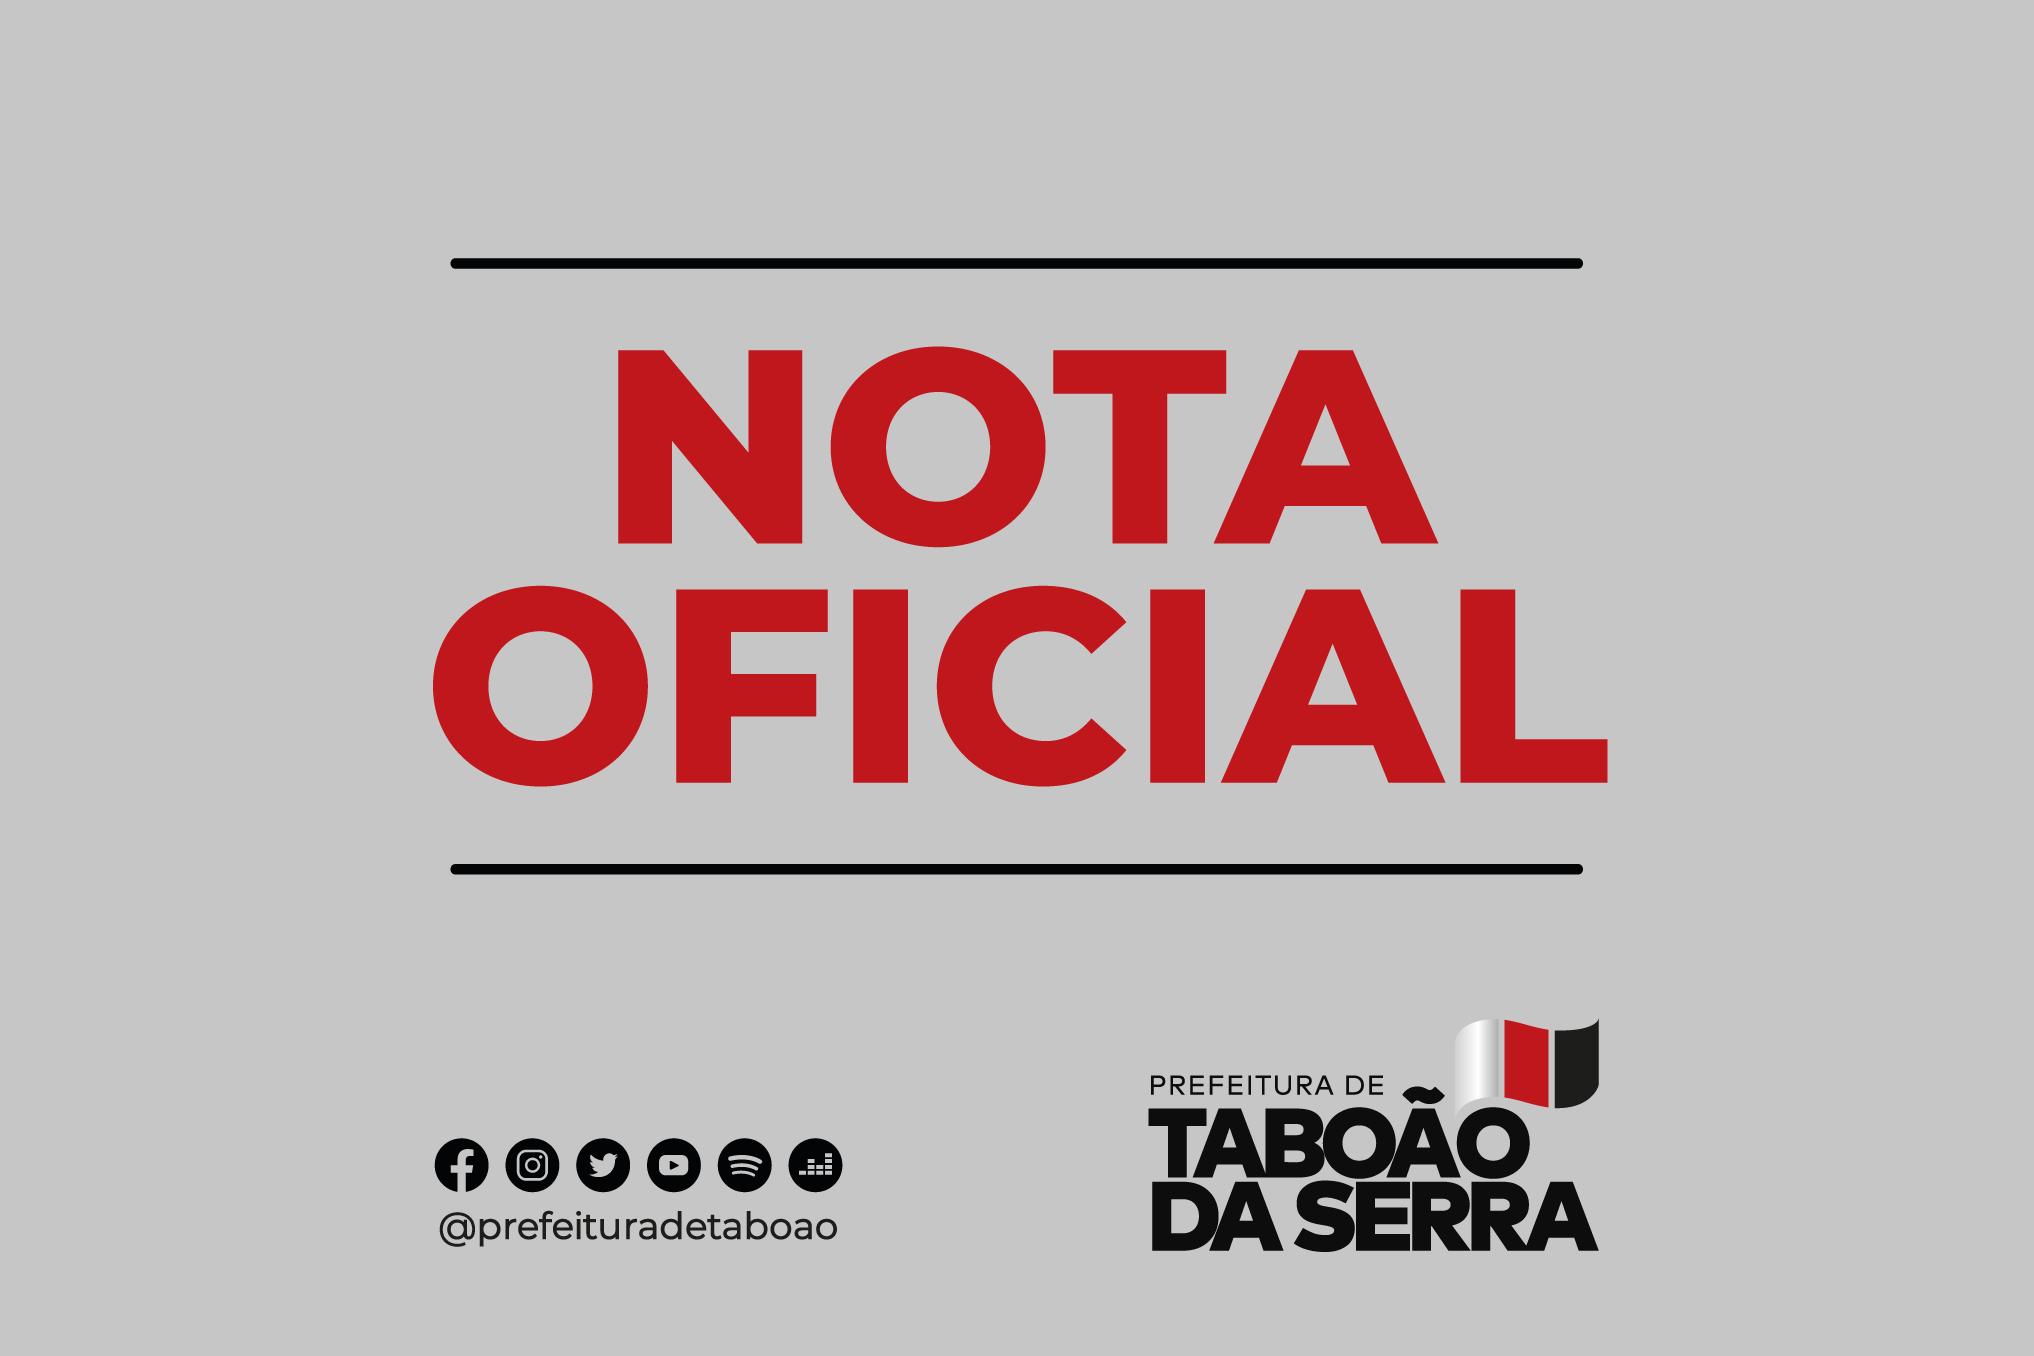 Nota Oficial da Prefeitura de Taboão da Serra - 30/08/2021